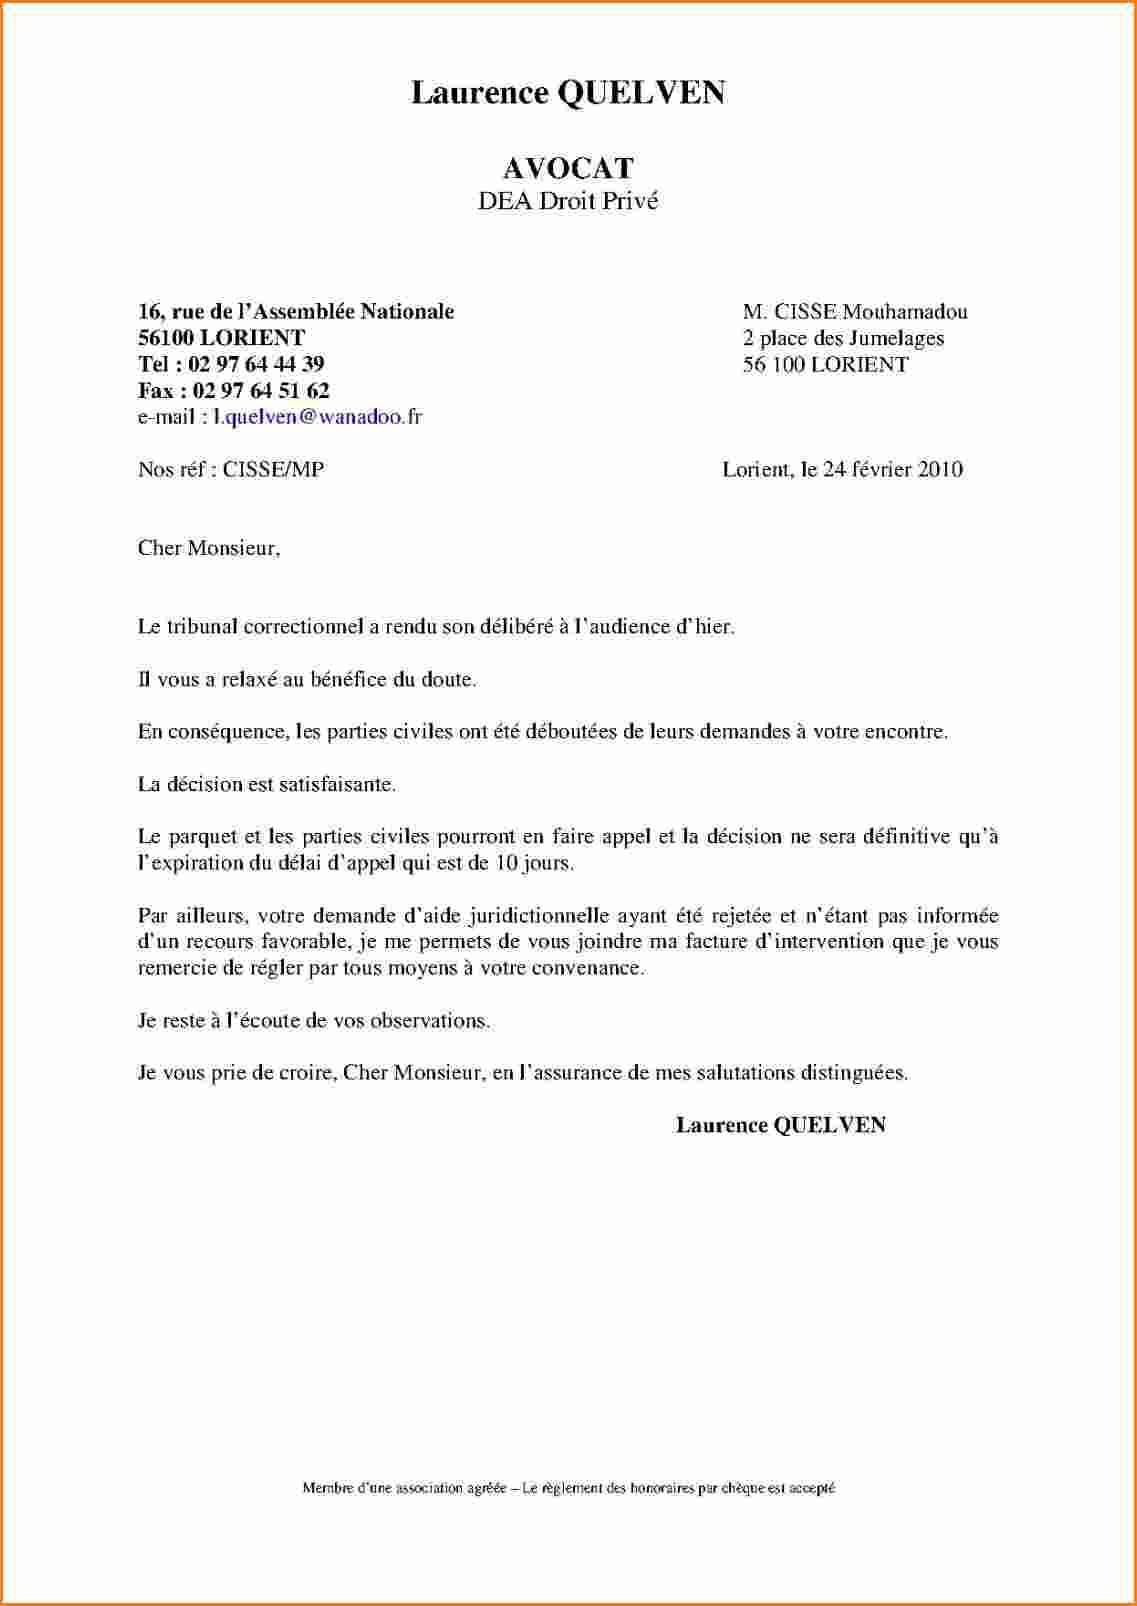 lettre de motivation gardien de la paix